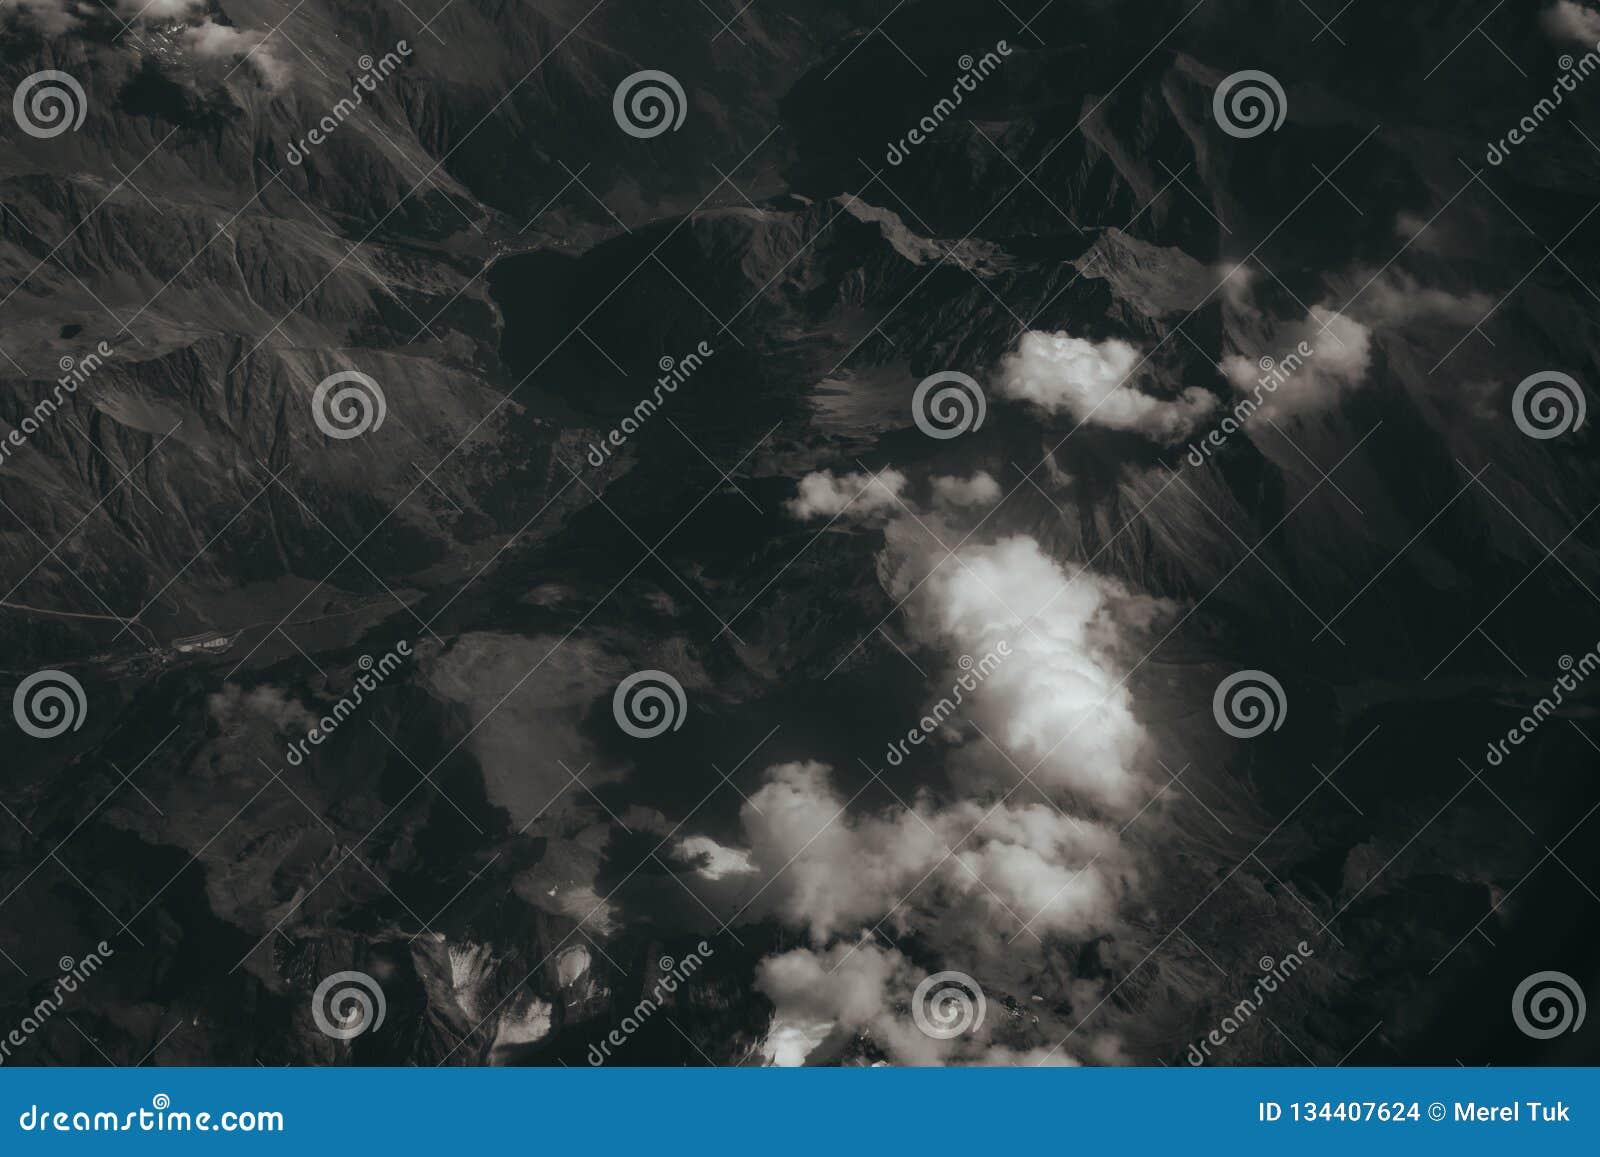 Mirada hacia fuera de una ventana del aeroplano, concepto para el photoshop